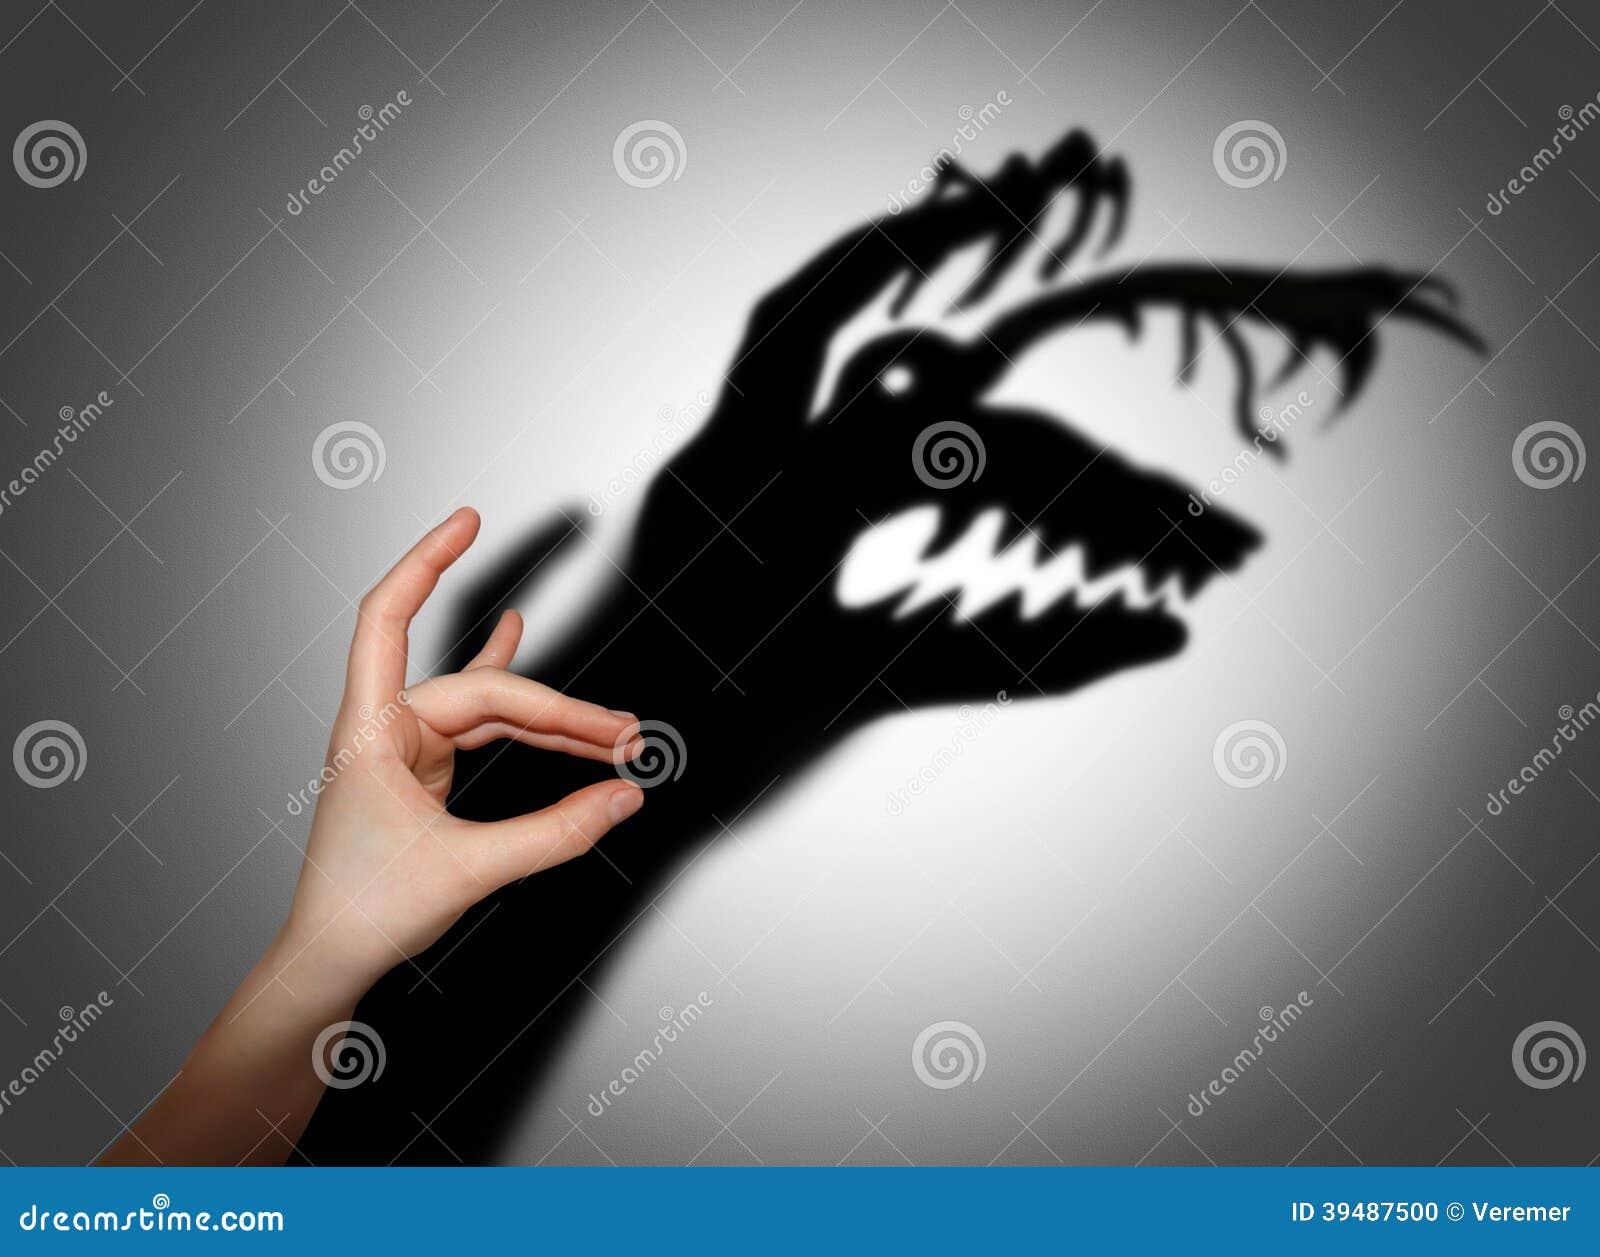 Miedo, susto, sombra en la pared